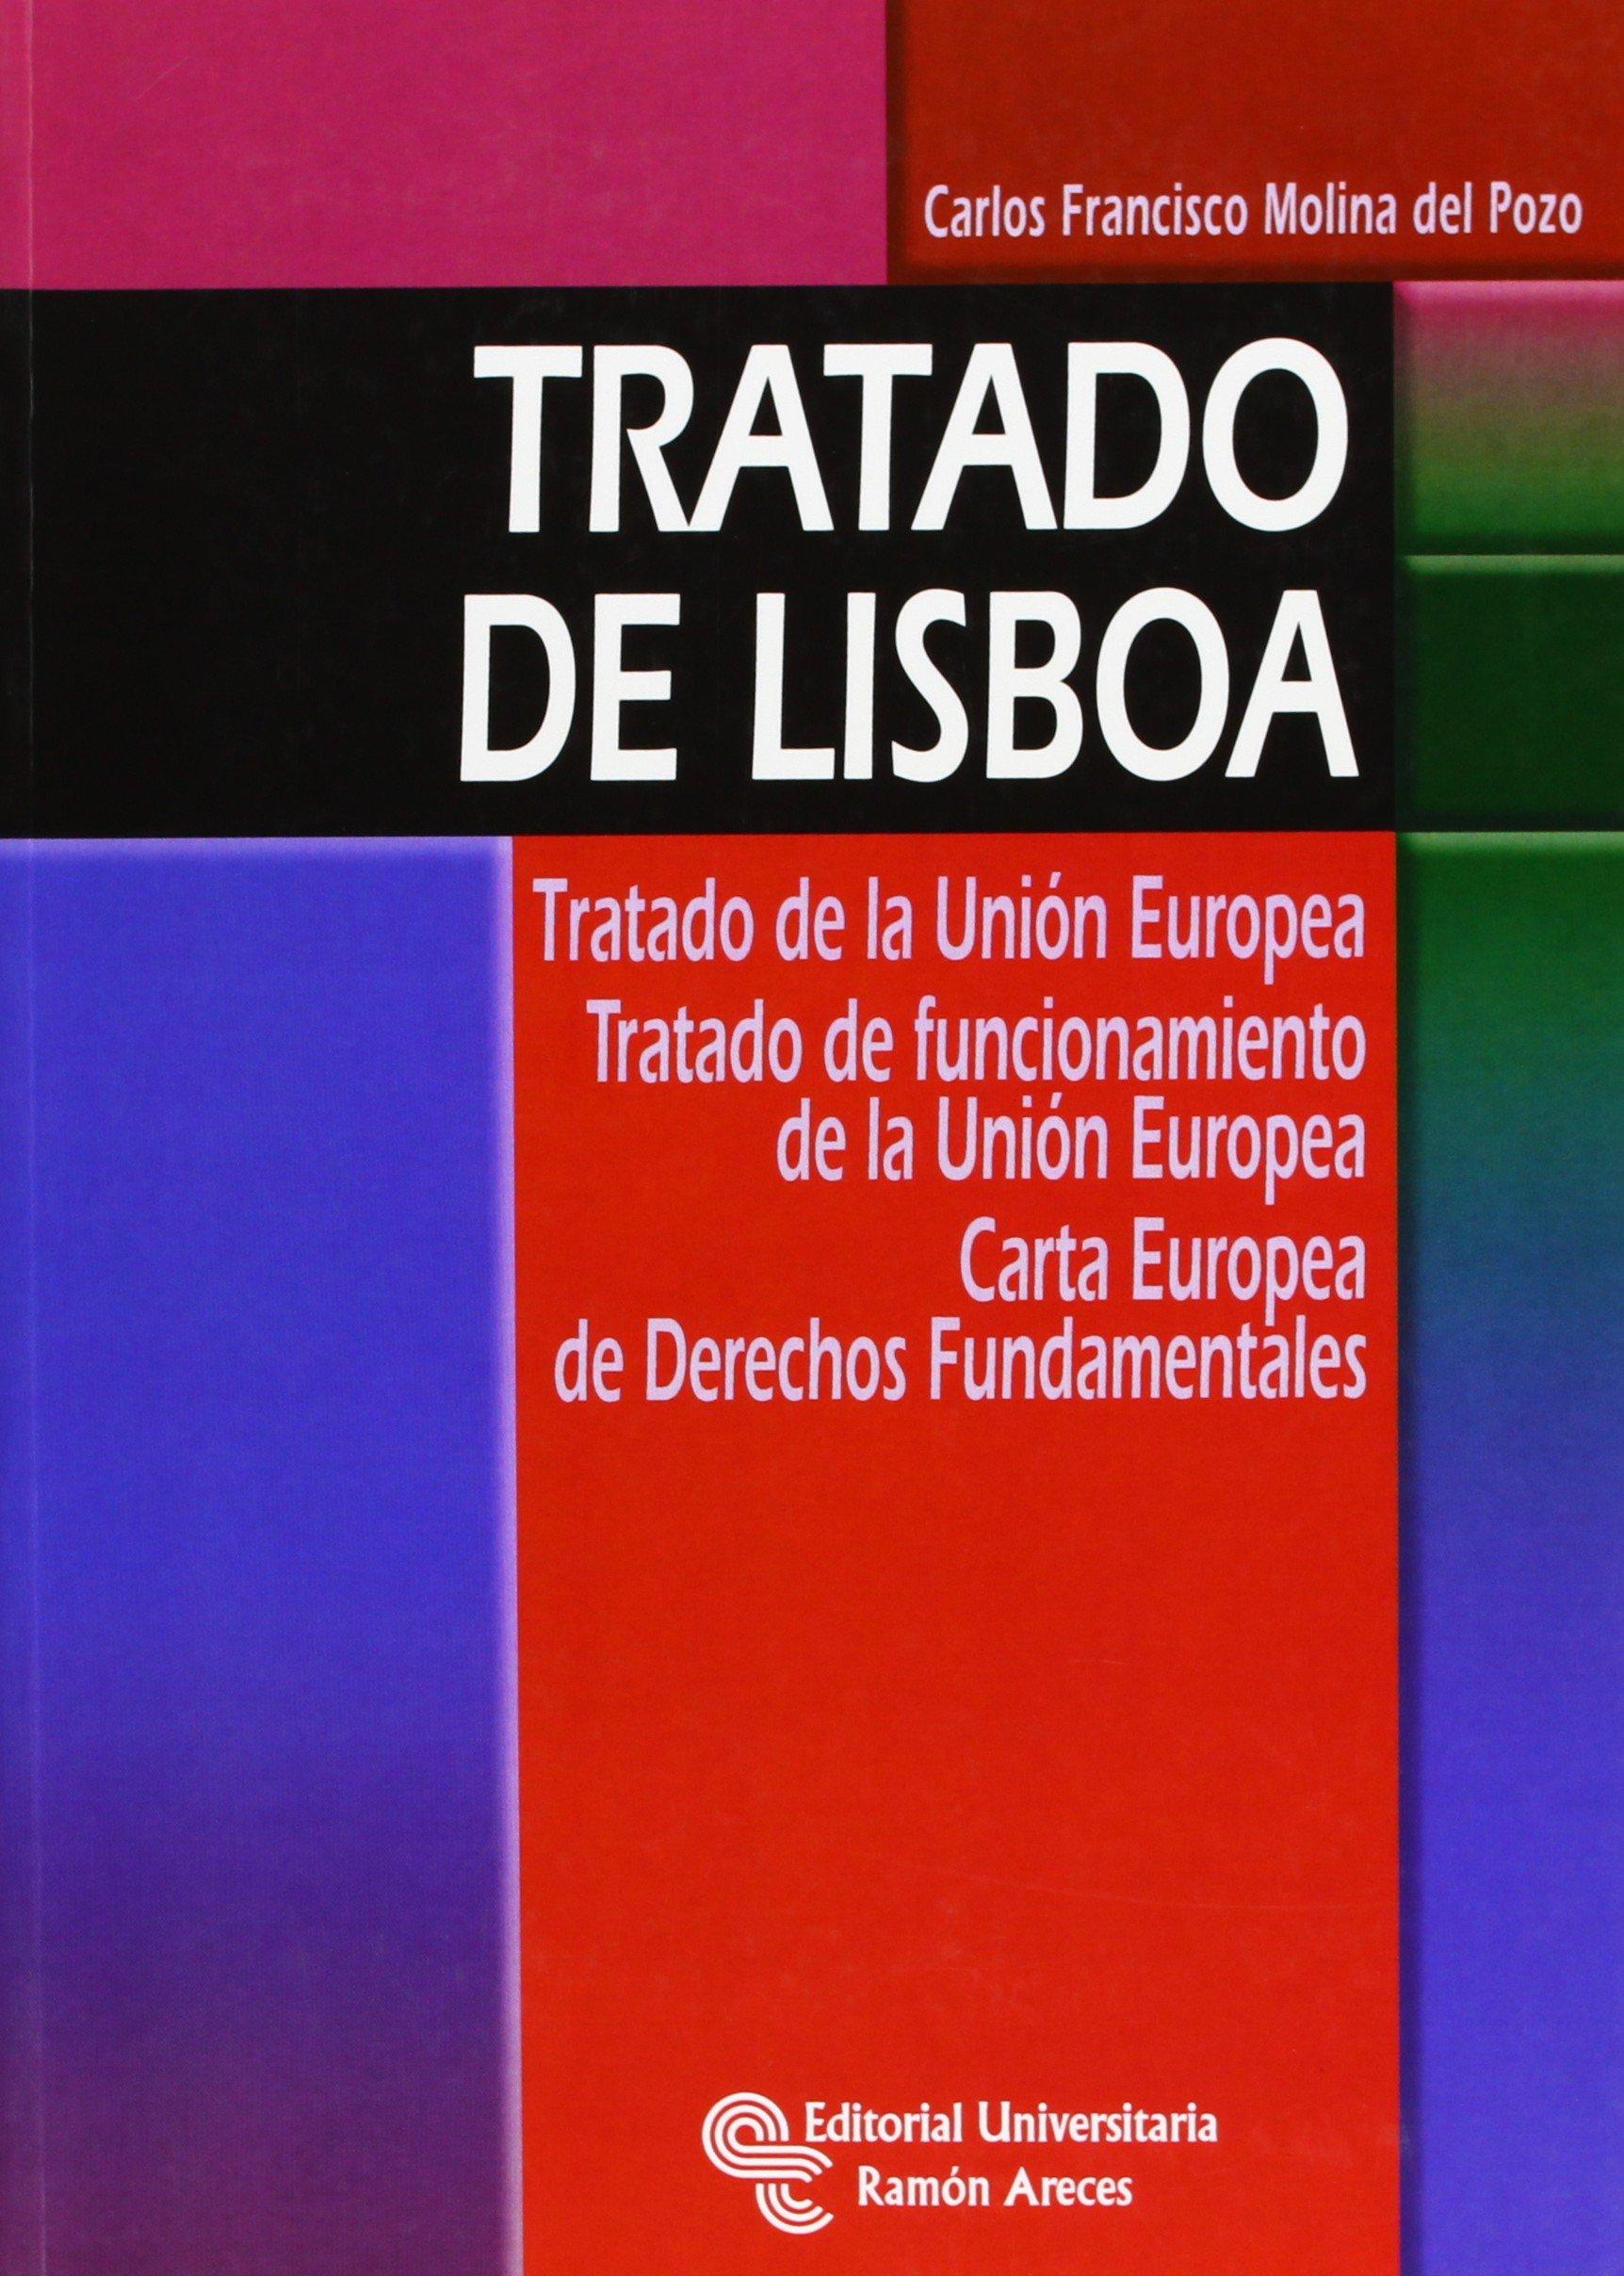 Tratado de Lisboa: Tratado de la Unión Europea. Tratado de funcionamiento de la Unión Europea. Carta europea de derecho (Manuales) Tapa blanda – 29 jul 2011 8499610609 Law / General Derecho Internacional International law